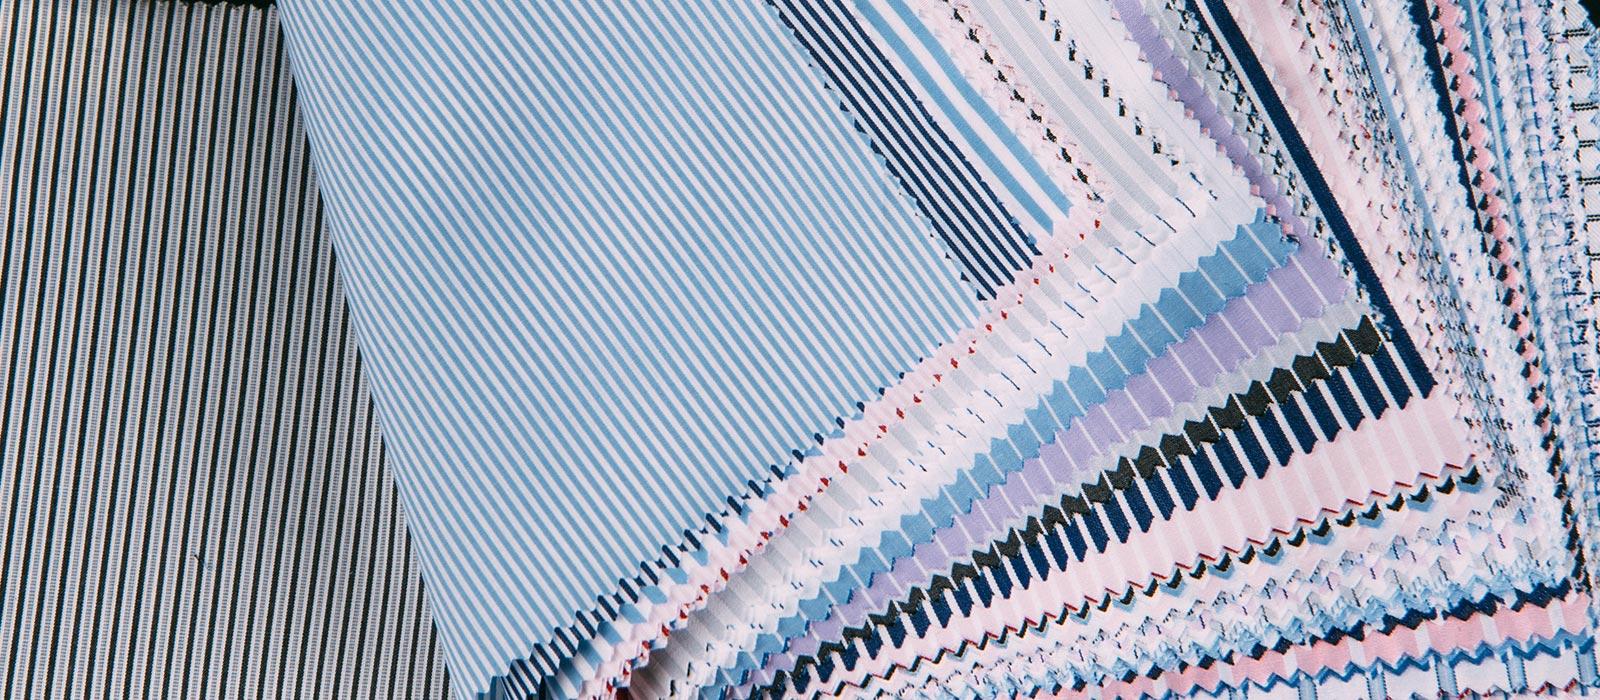 fabric-czar-slide4